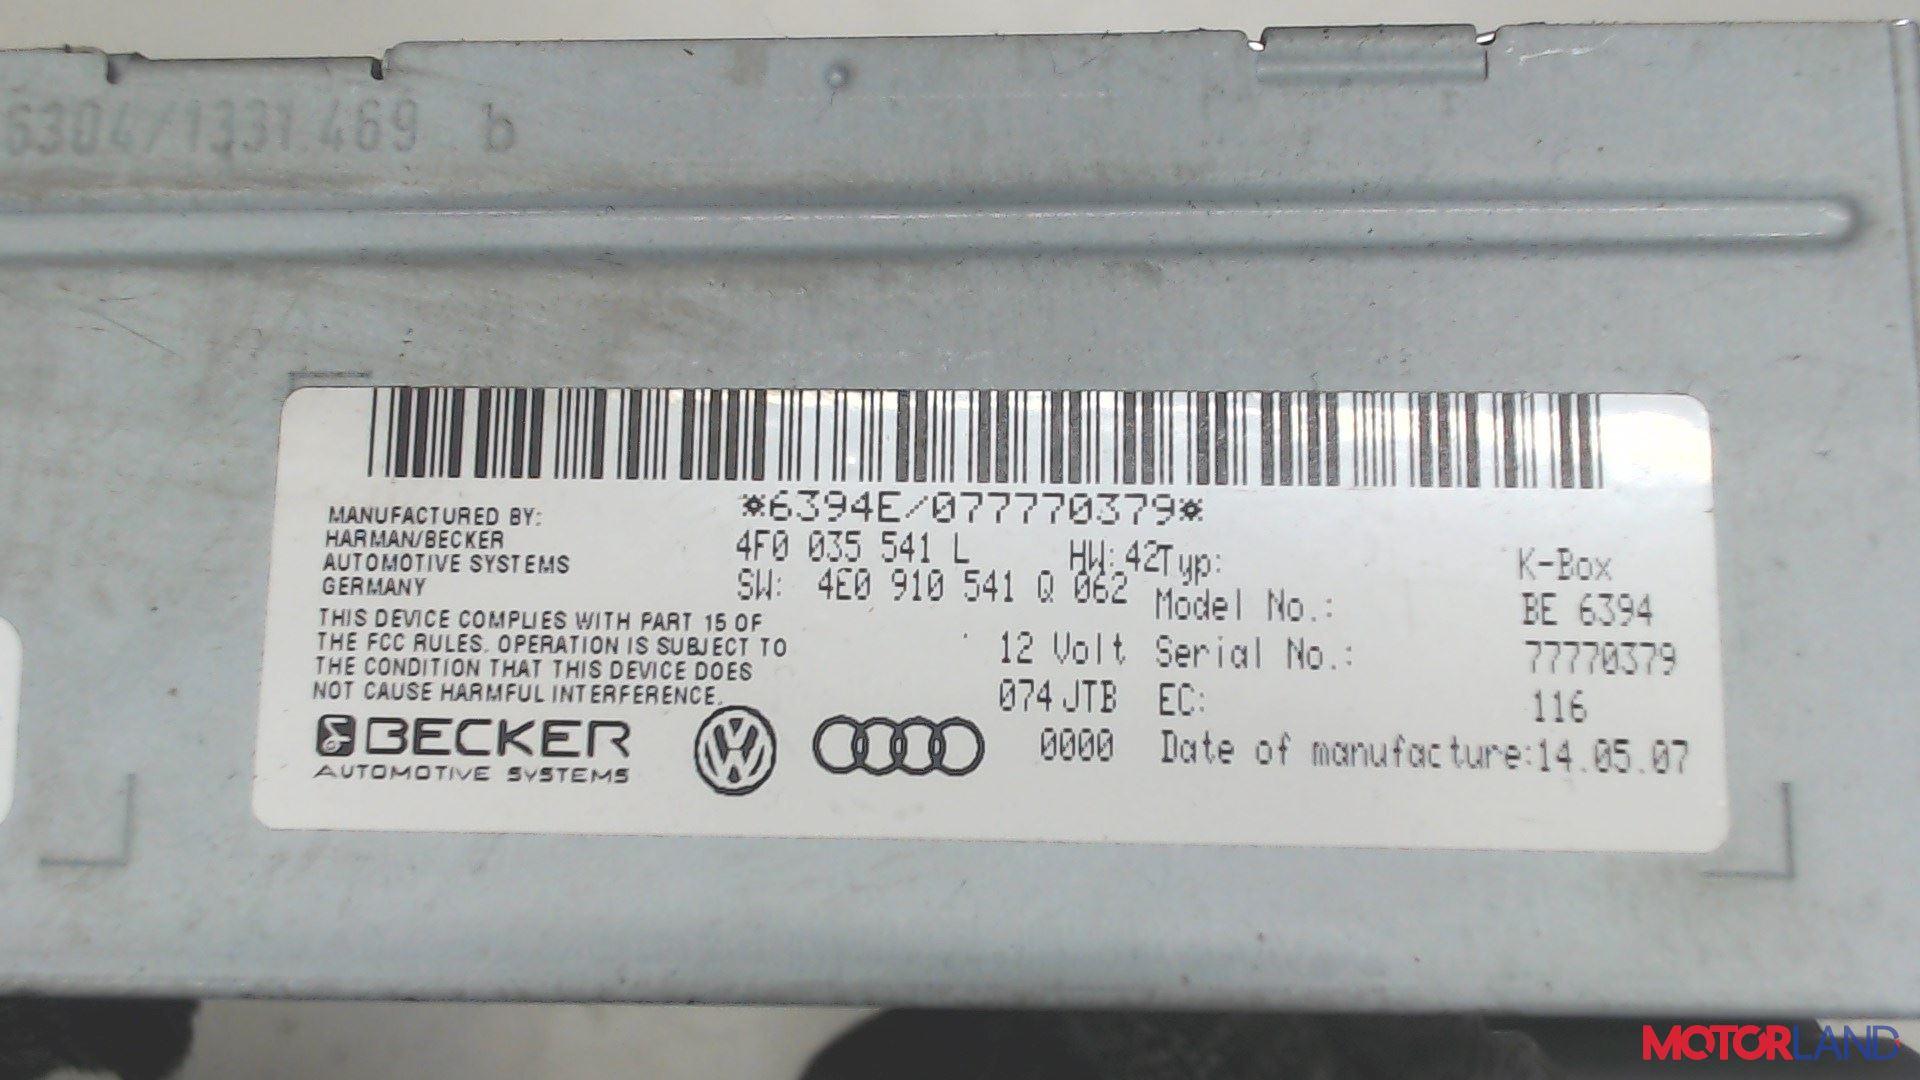 Блок управления (ЭБУ) Audi A6 (C6) 2005-2011 2 л. 2008 BRE б/у #3